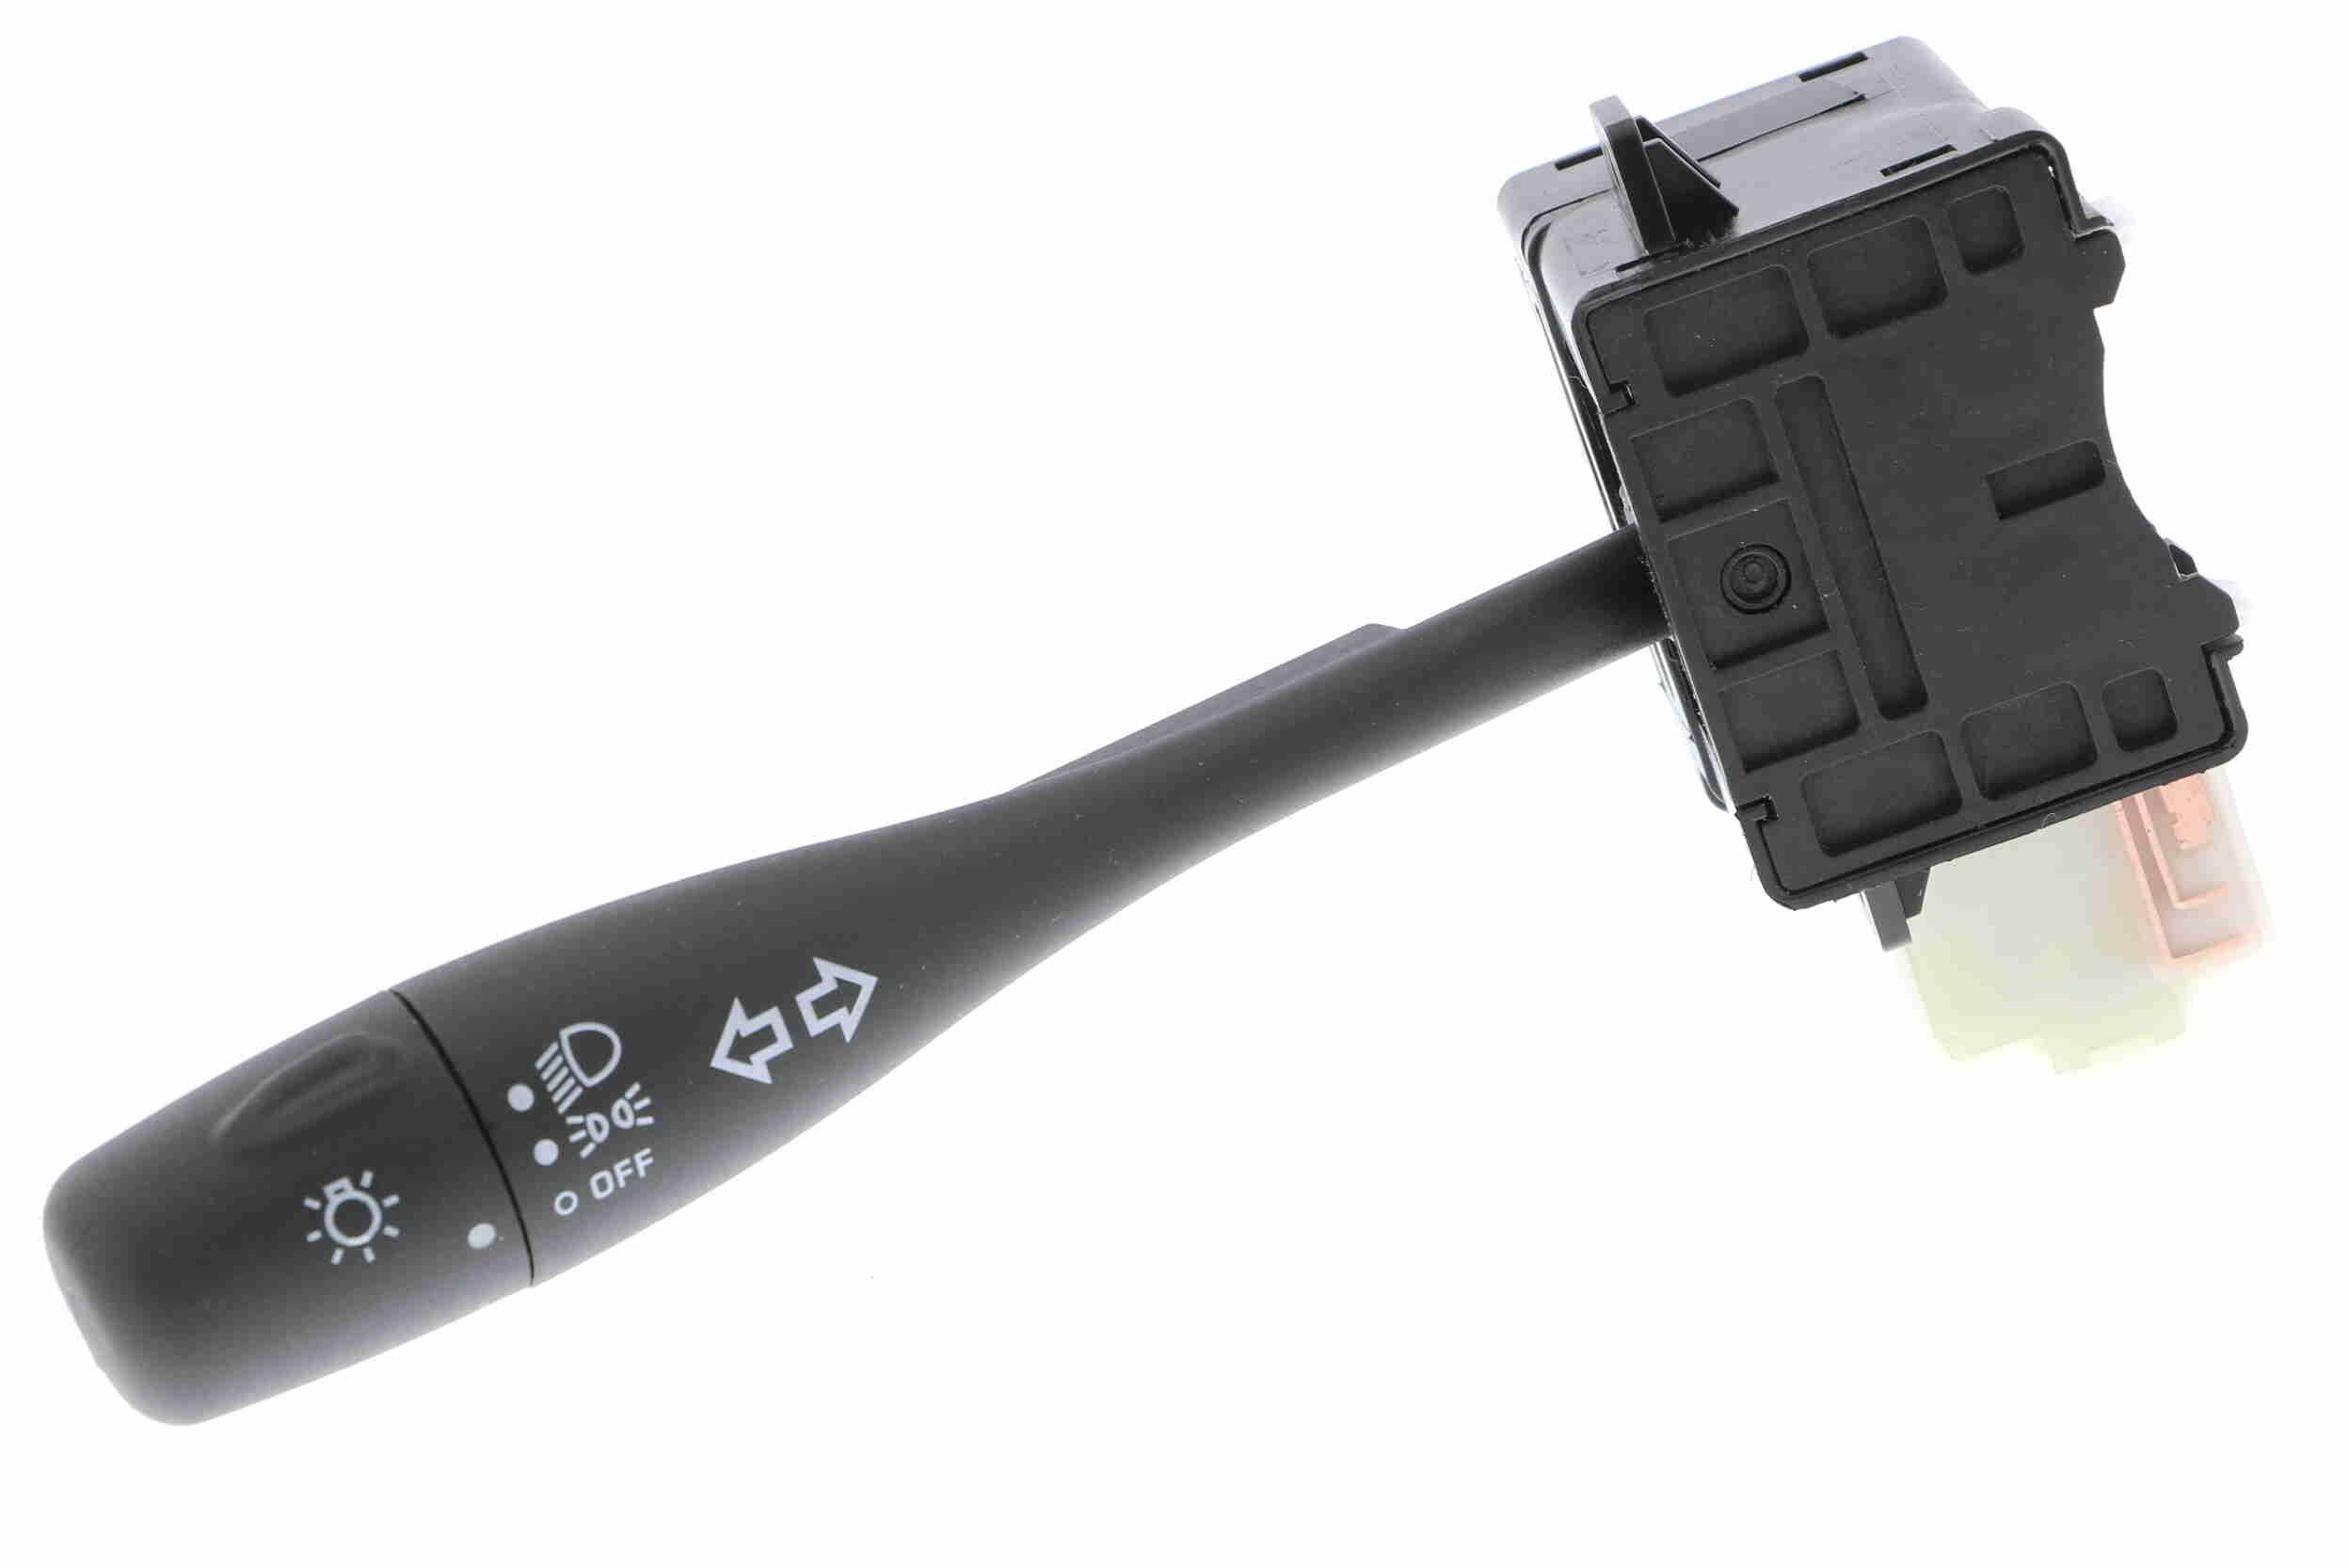 NISSAN MURANO 2010 Kombischalter - Original VEMO V38-80-0009 Pol-Anzahl: 16-polig, mit Blinker-Funktion, mit Lichtumschalt-Funktion